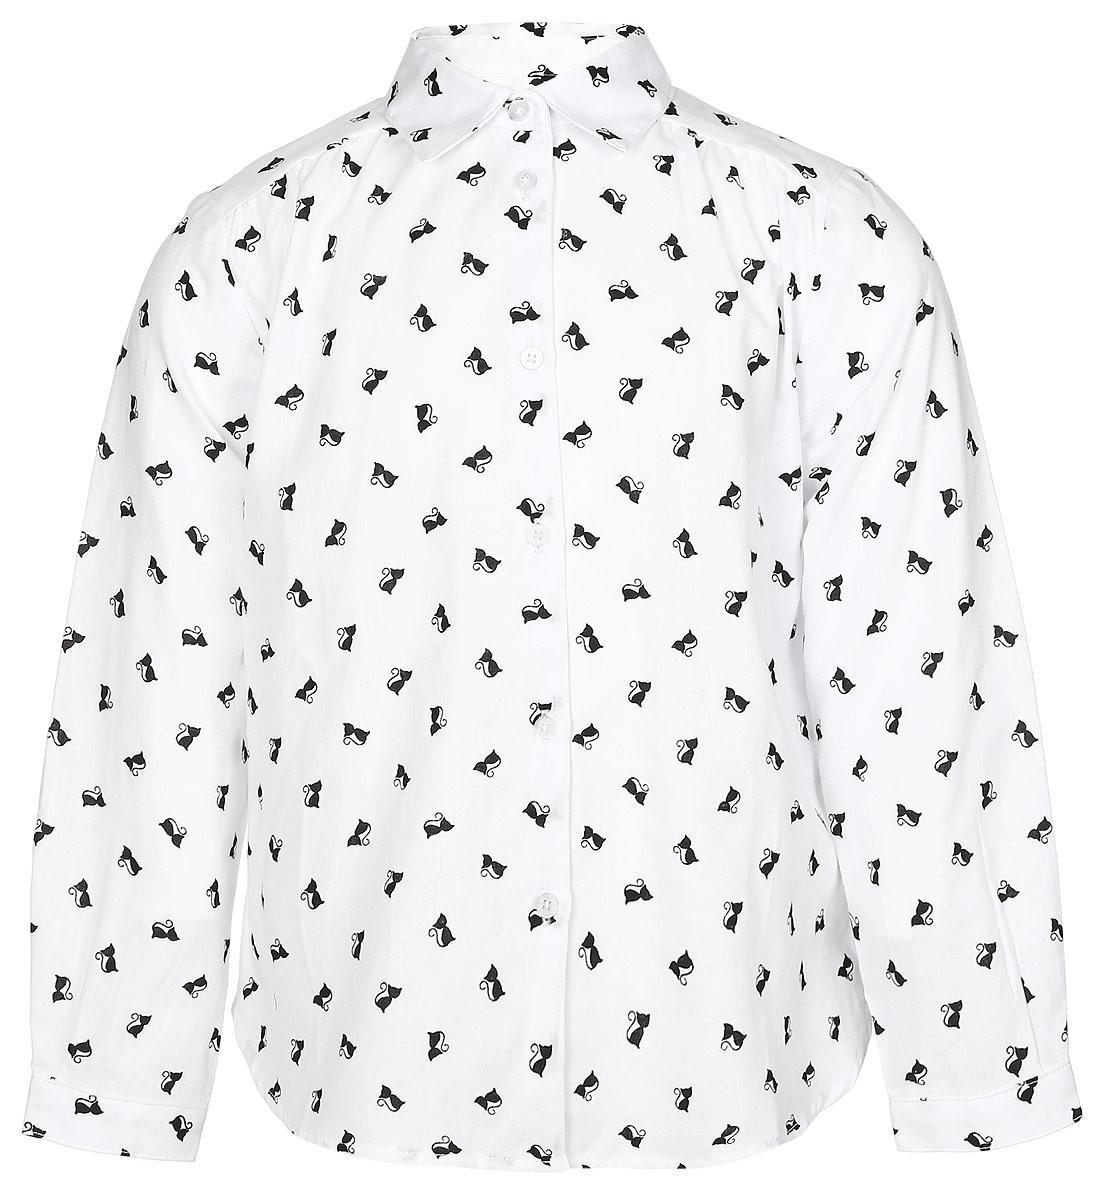 Рубашка для девочки Button Blue, цвет: белый, черный. 216BBGC22010207. Размер 104, 4 года216BBGC22010207Стильная рубашка Button Blue выполнена из 100% хлопка. Модель свободного трапециевидного кроя с длинными рукавами и отложным воротником застегивается на пуговицы по всей длине и оформлена оригинальным принтом с изображением кошек. На манжетах предусмотрены застежки-пуговицы. Спинка немного удлинена.